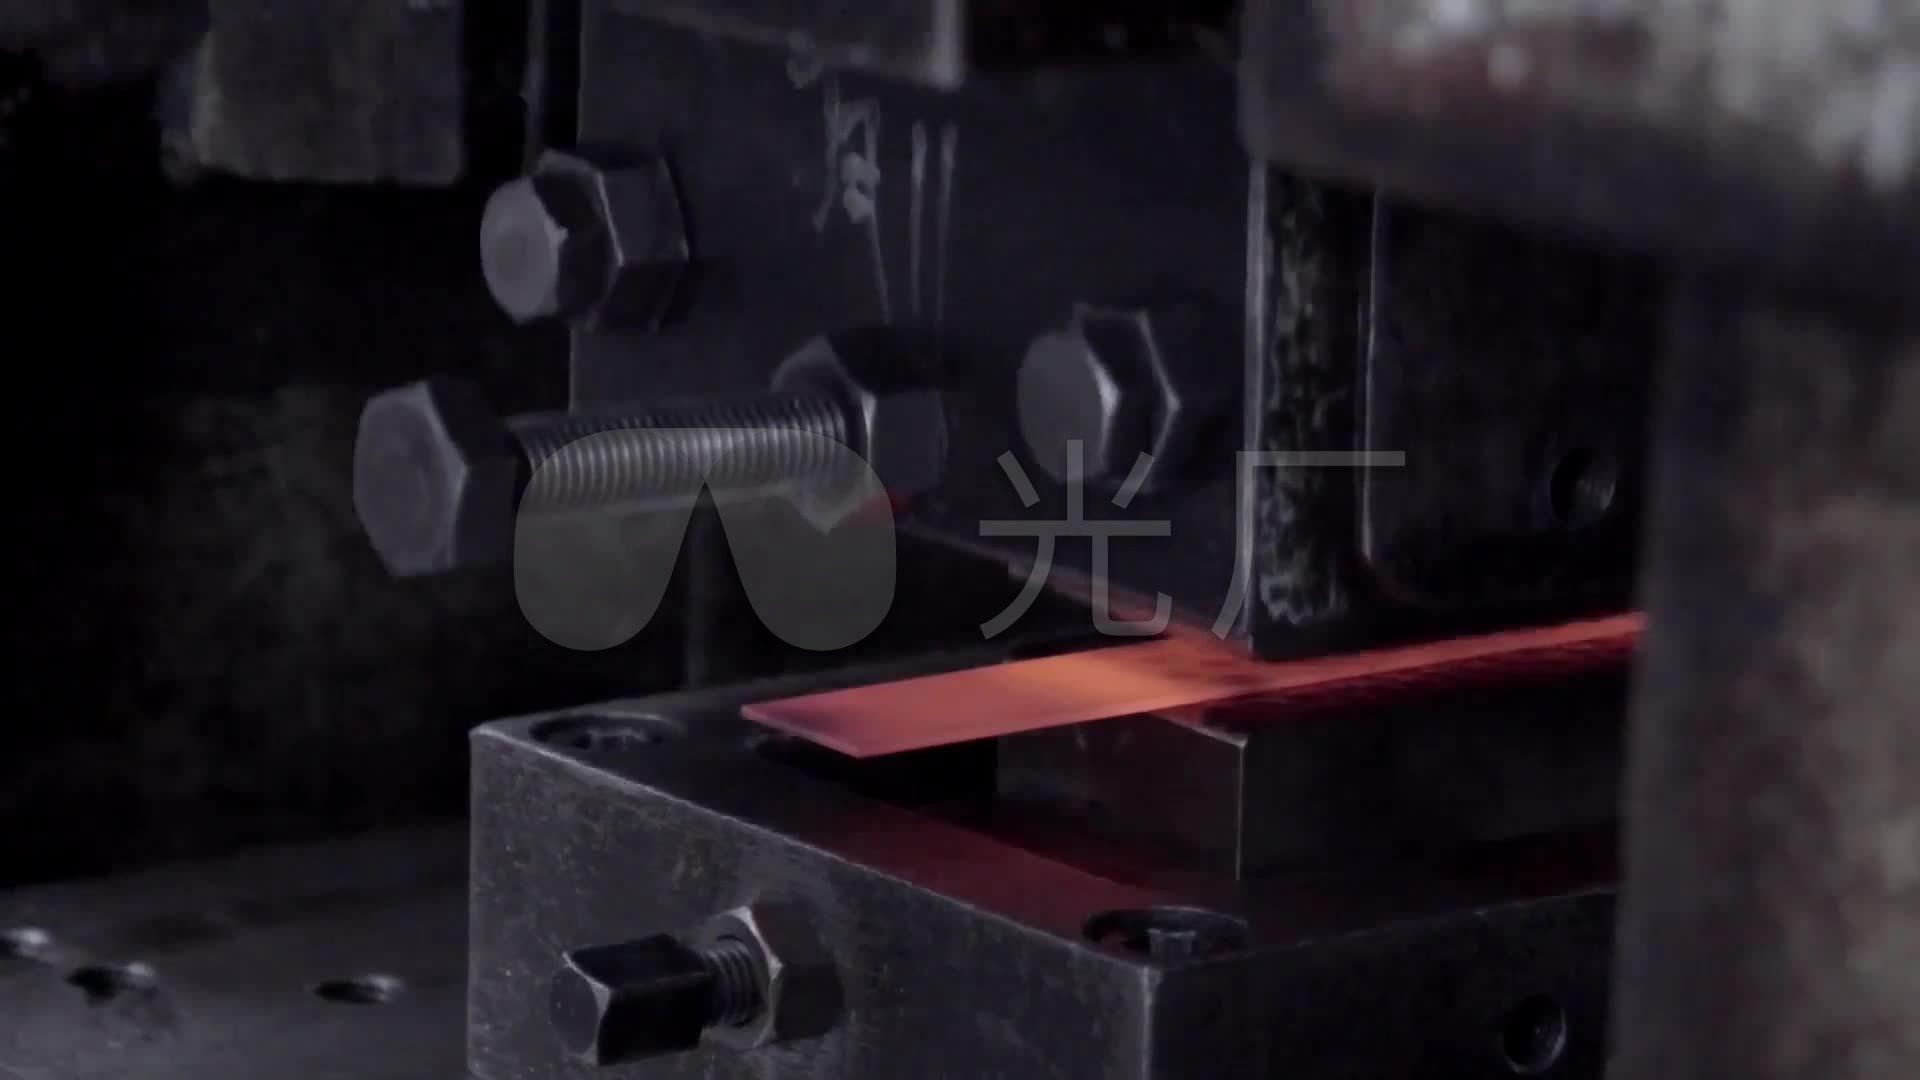 刀具视频打磨_1920X1080_高清手工素材下载是视频冰图片